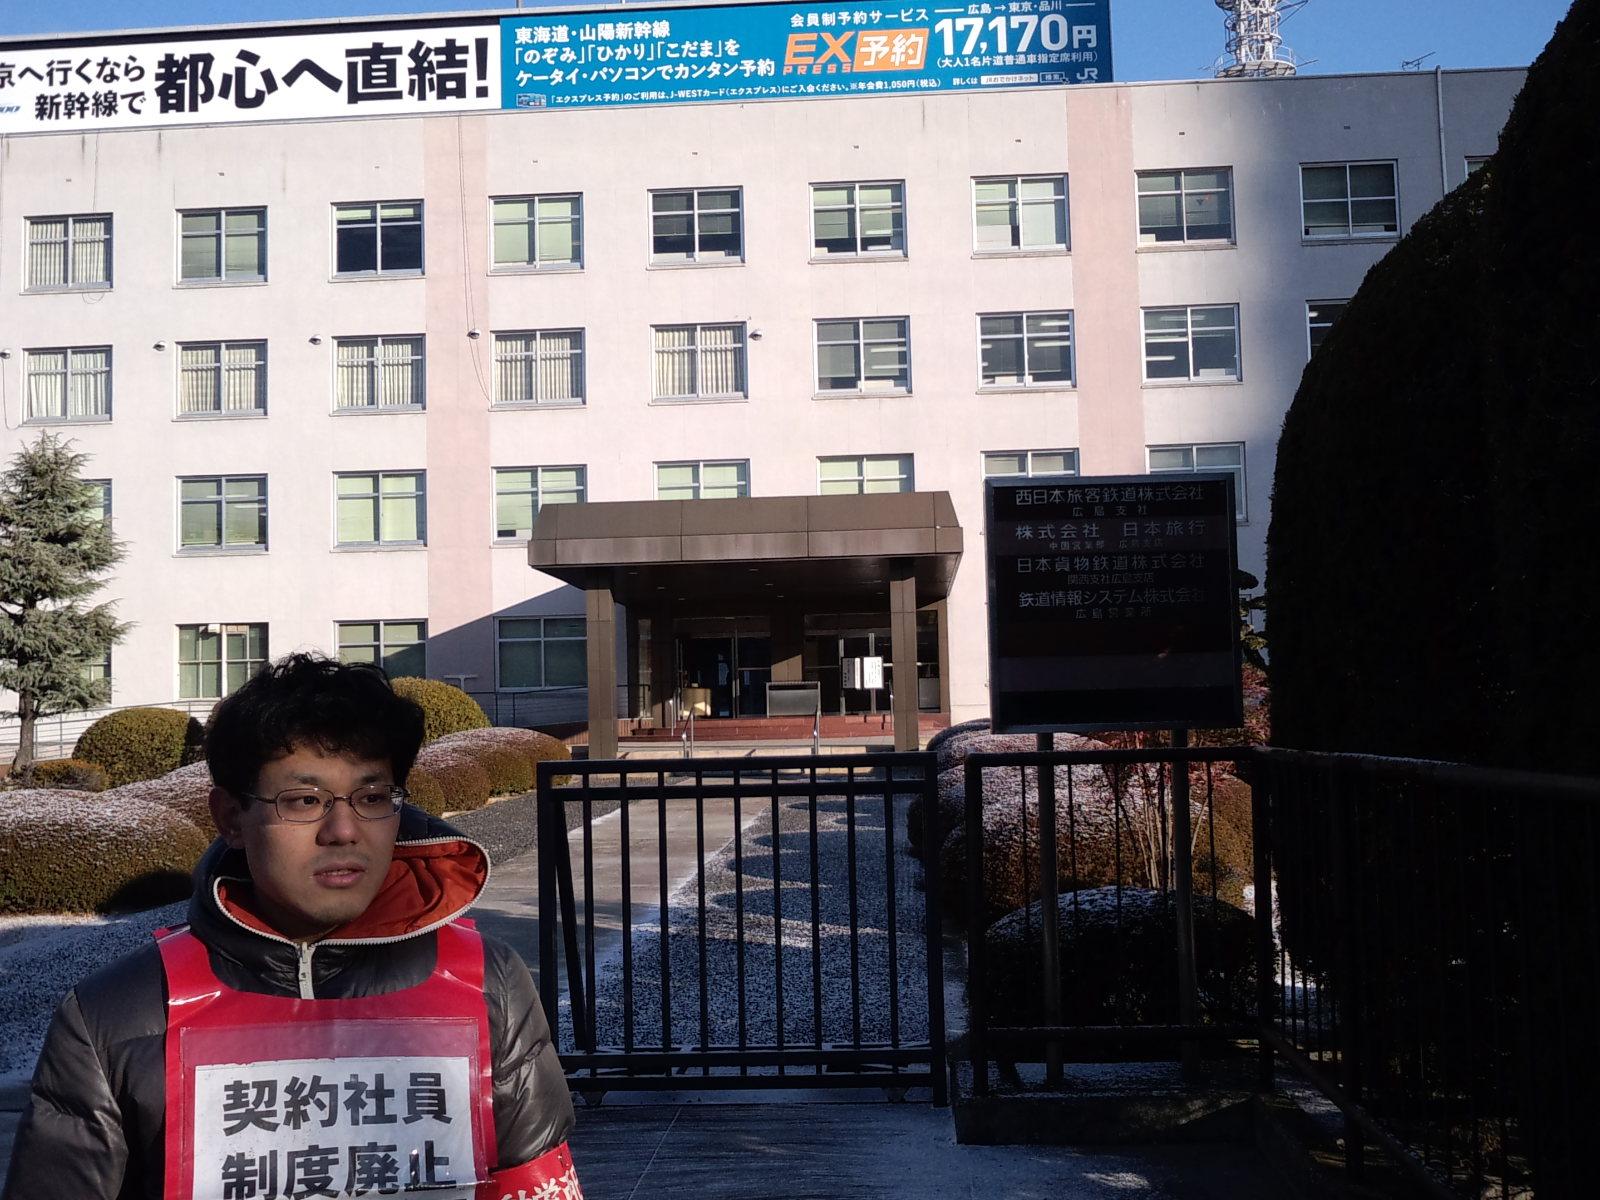 1月17日広島支社前_d0155415_0405859.jpg